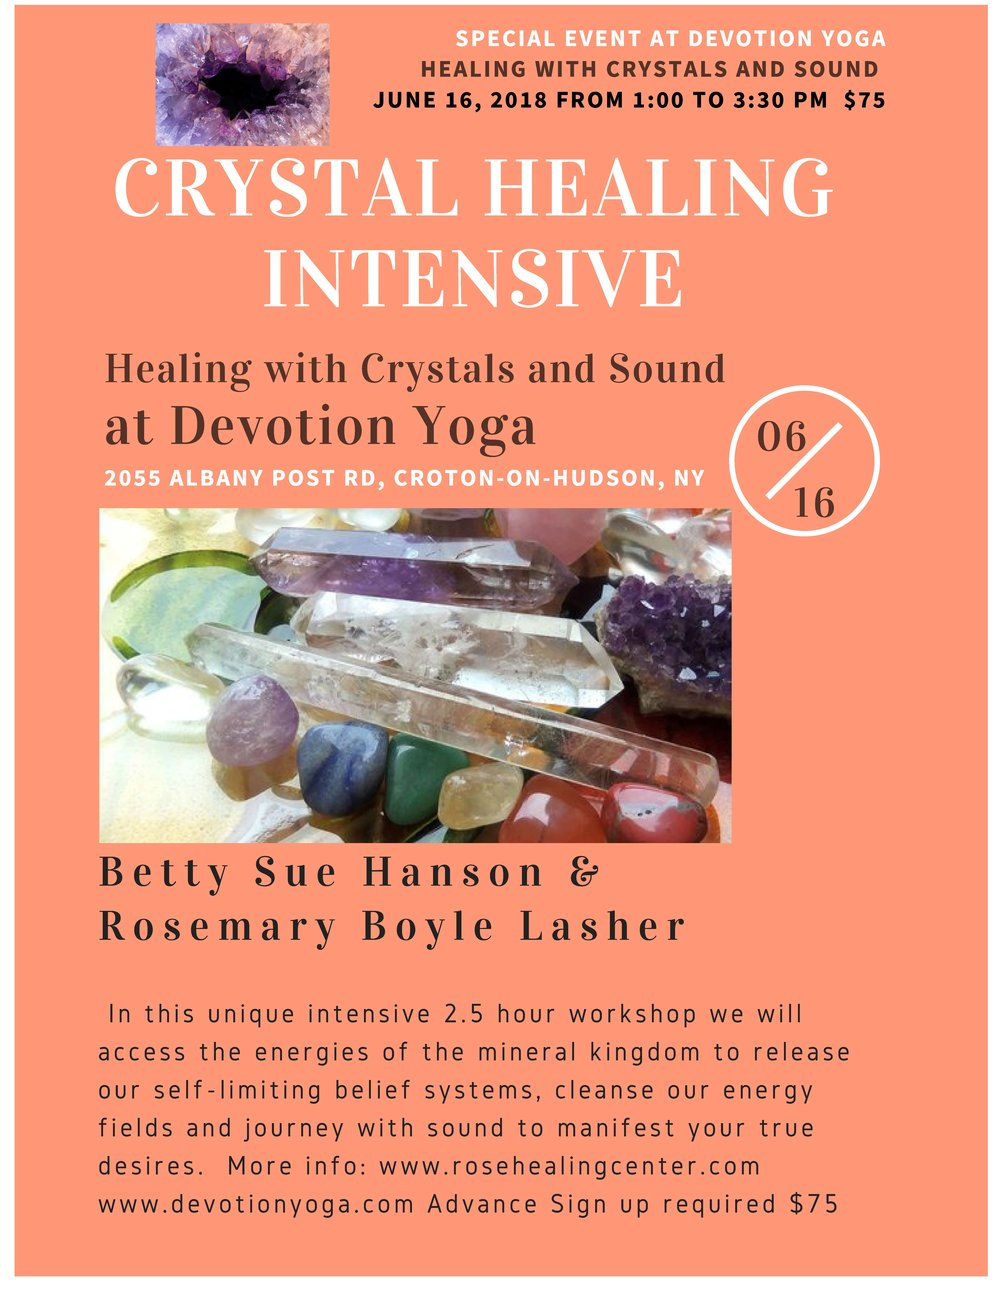 Flyerhealingwith Crystals 6.16JPEG.jpg